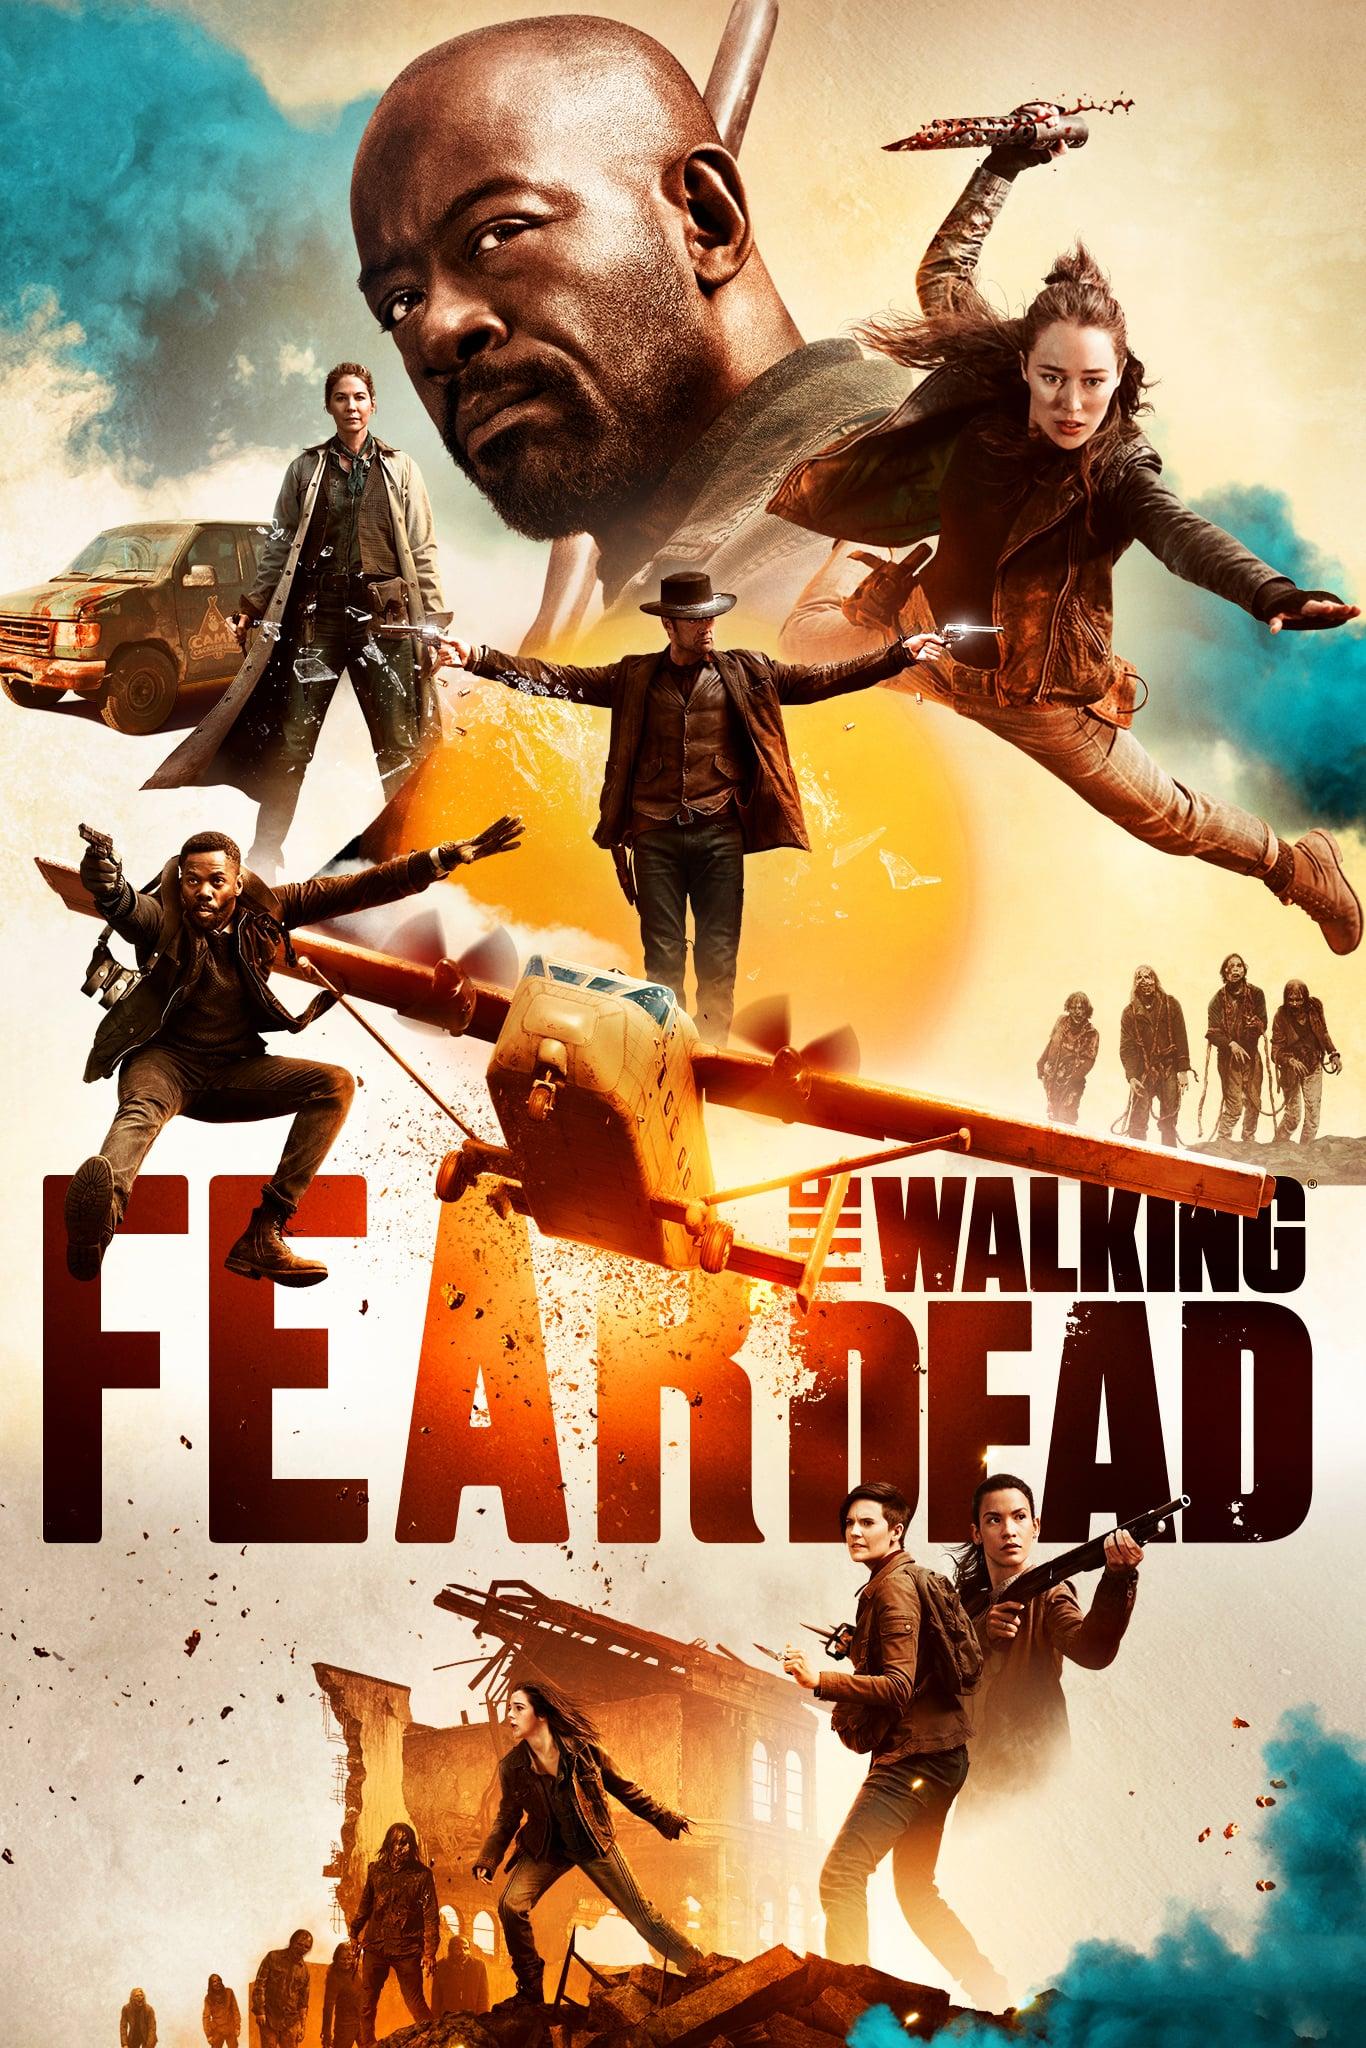 fear the walking dead season 2 episode 3 download